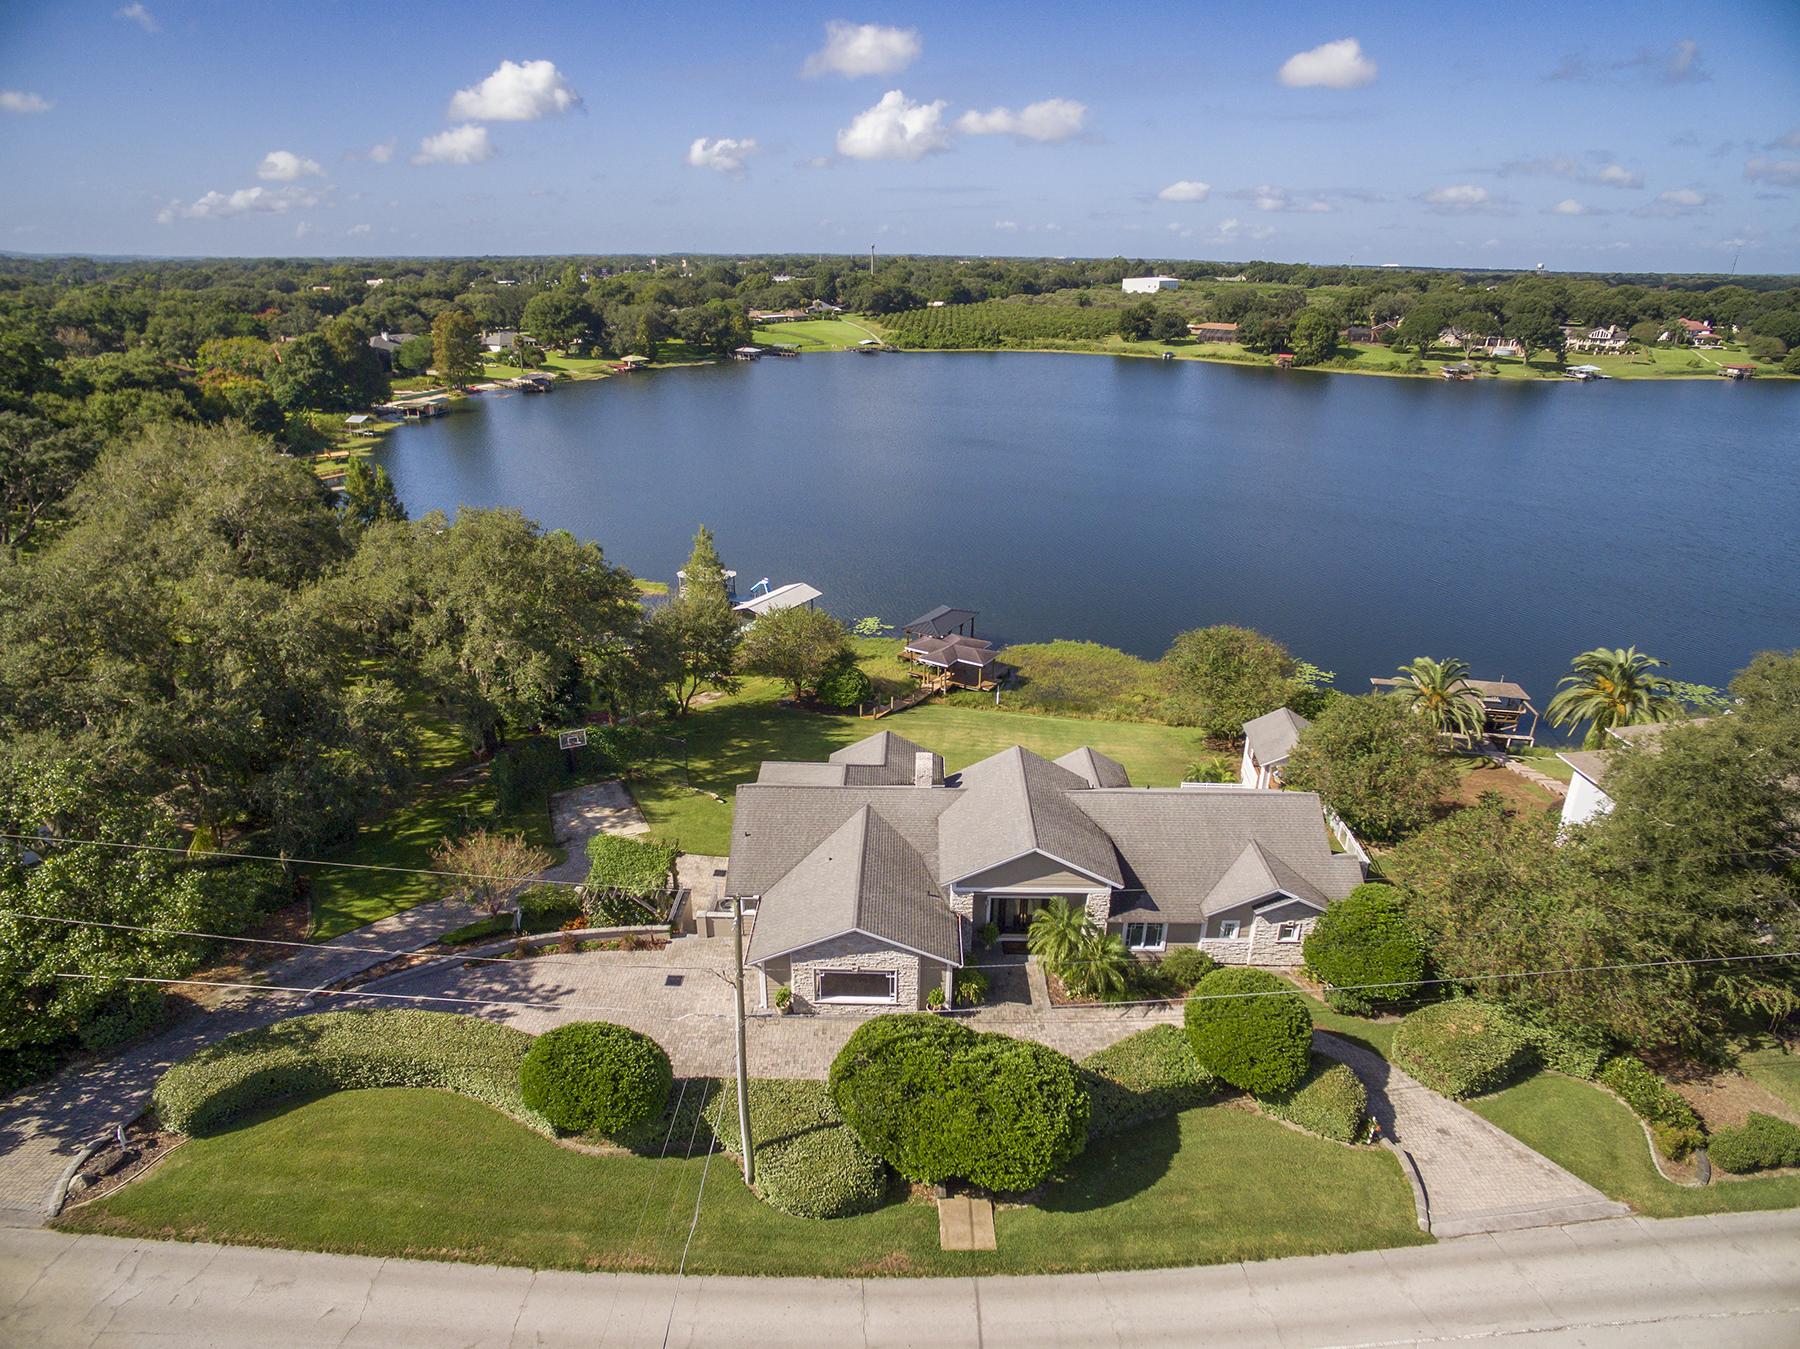 Tek Ailelik Ev için Satış at ORLANDO - EUSTIS 2790 E Crooked Lake Dr Eustis, Florida, 32726 Amerika Birleşik Devletleri